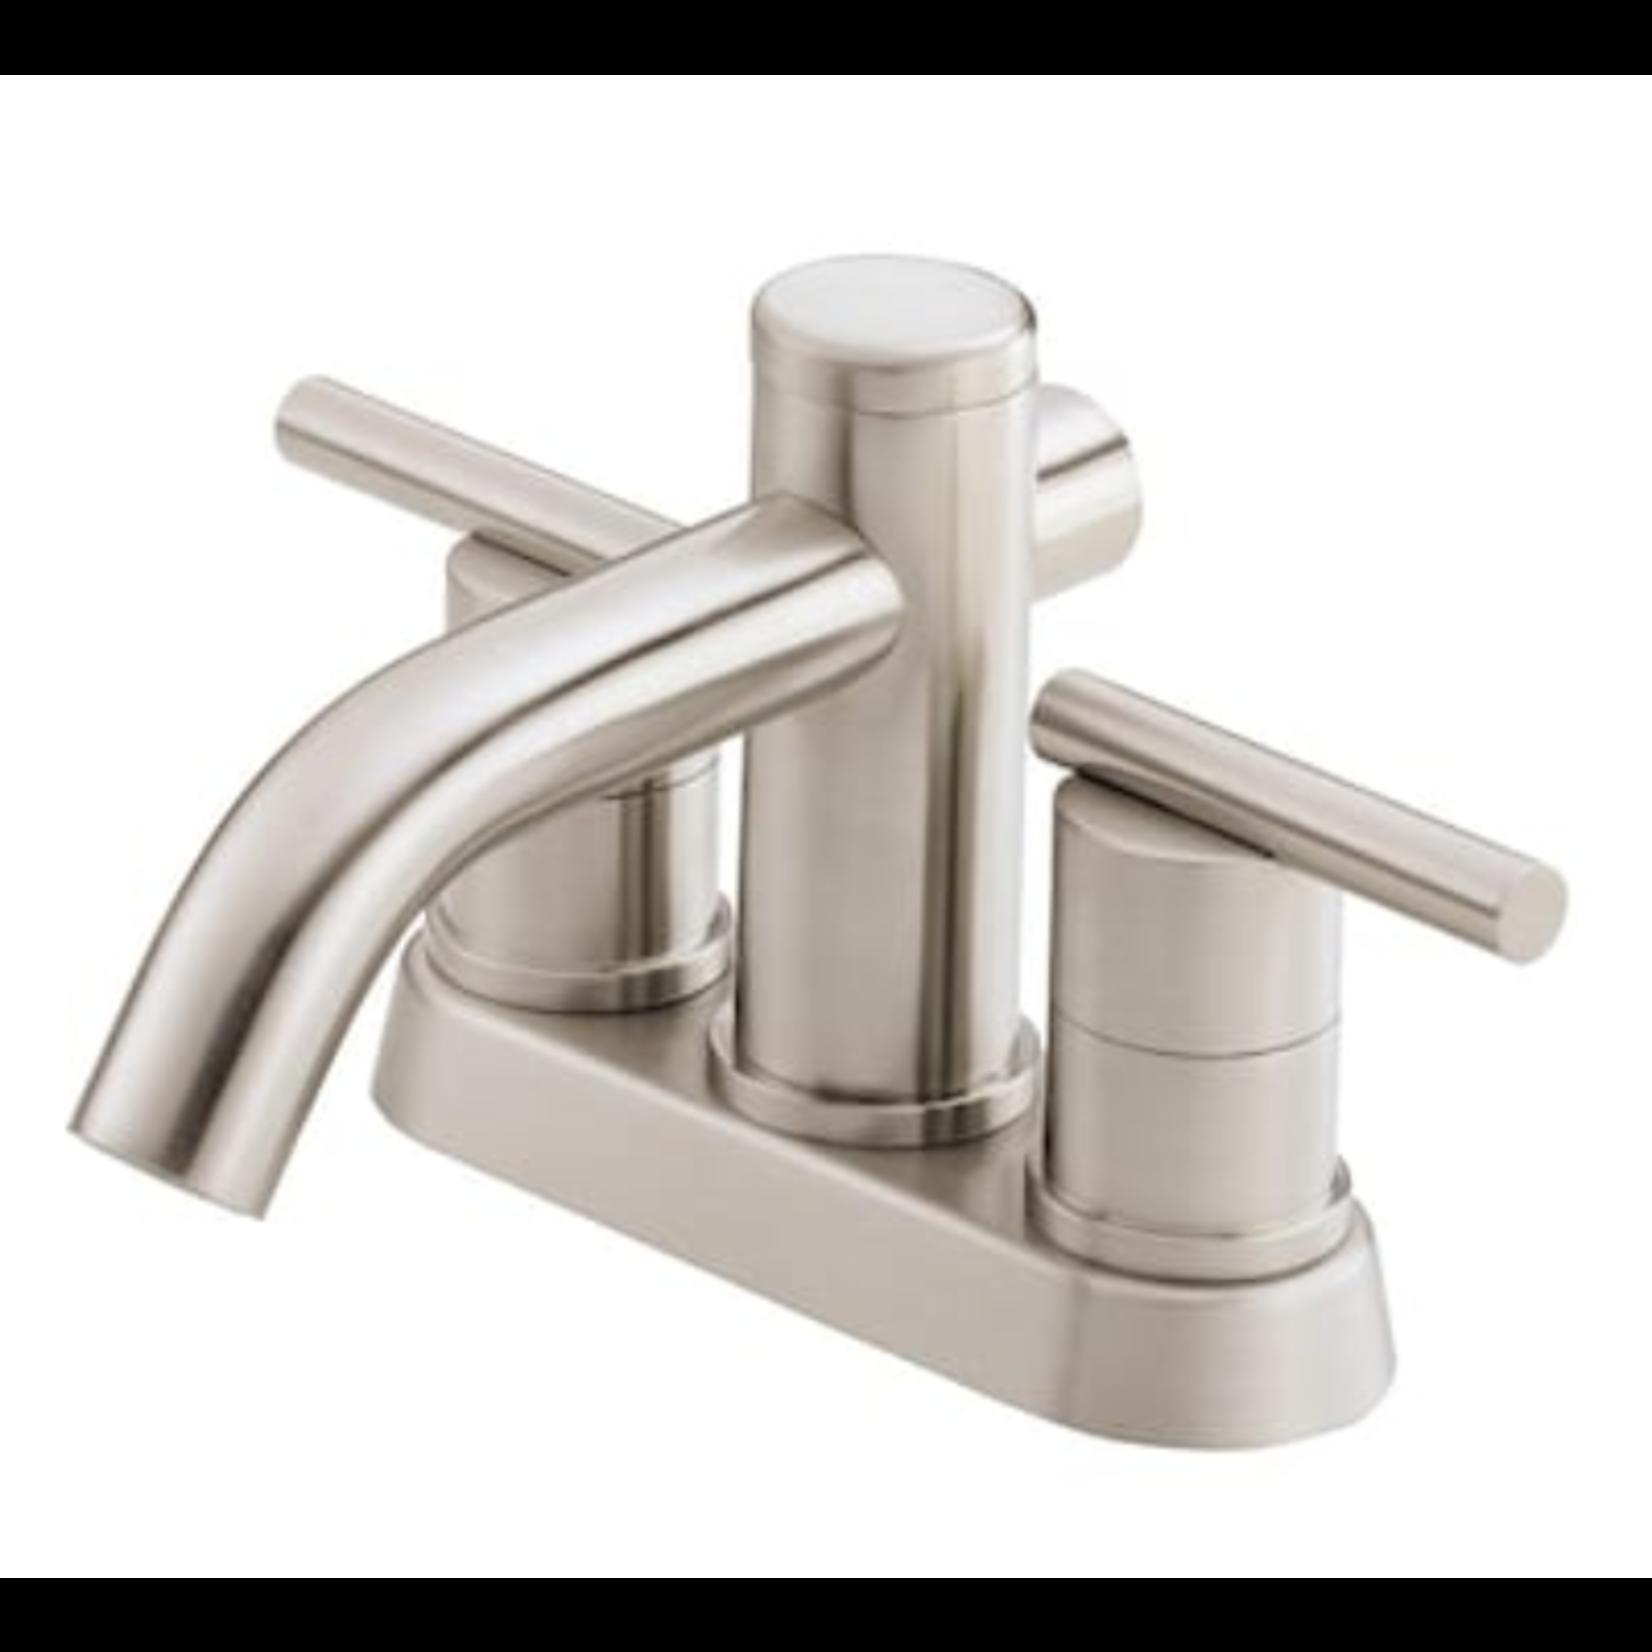 10378 Danza Parma 2-Handle Bathroom Faucet